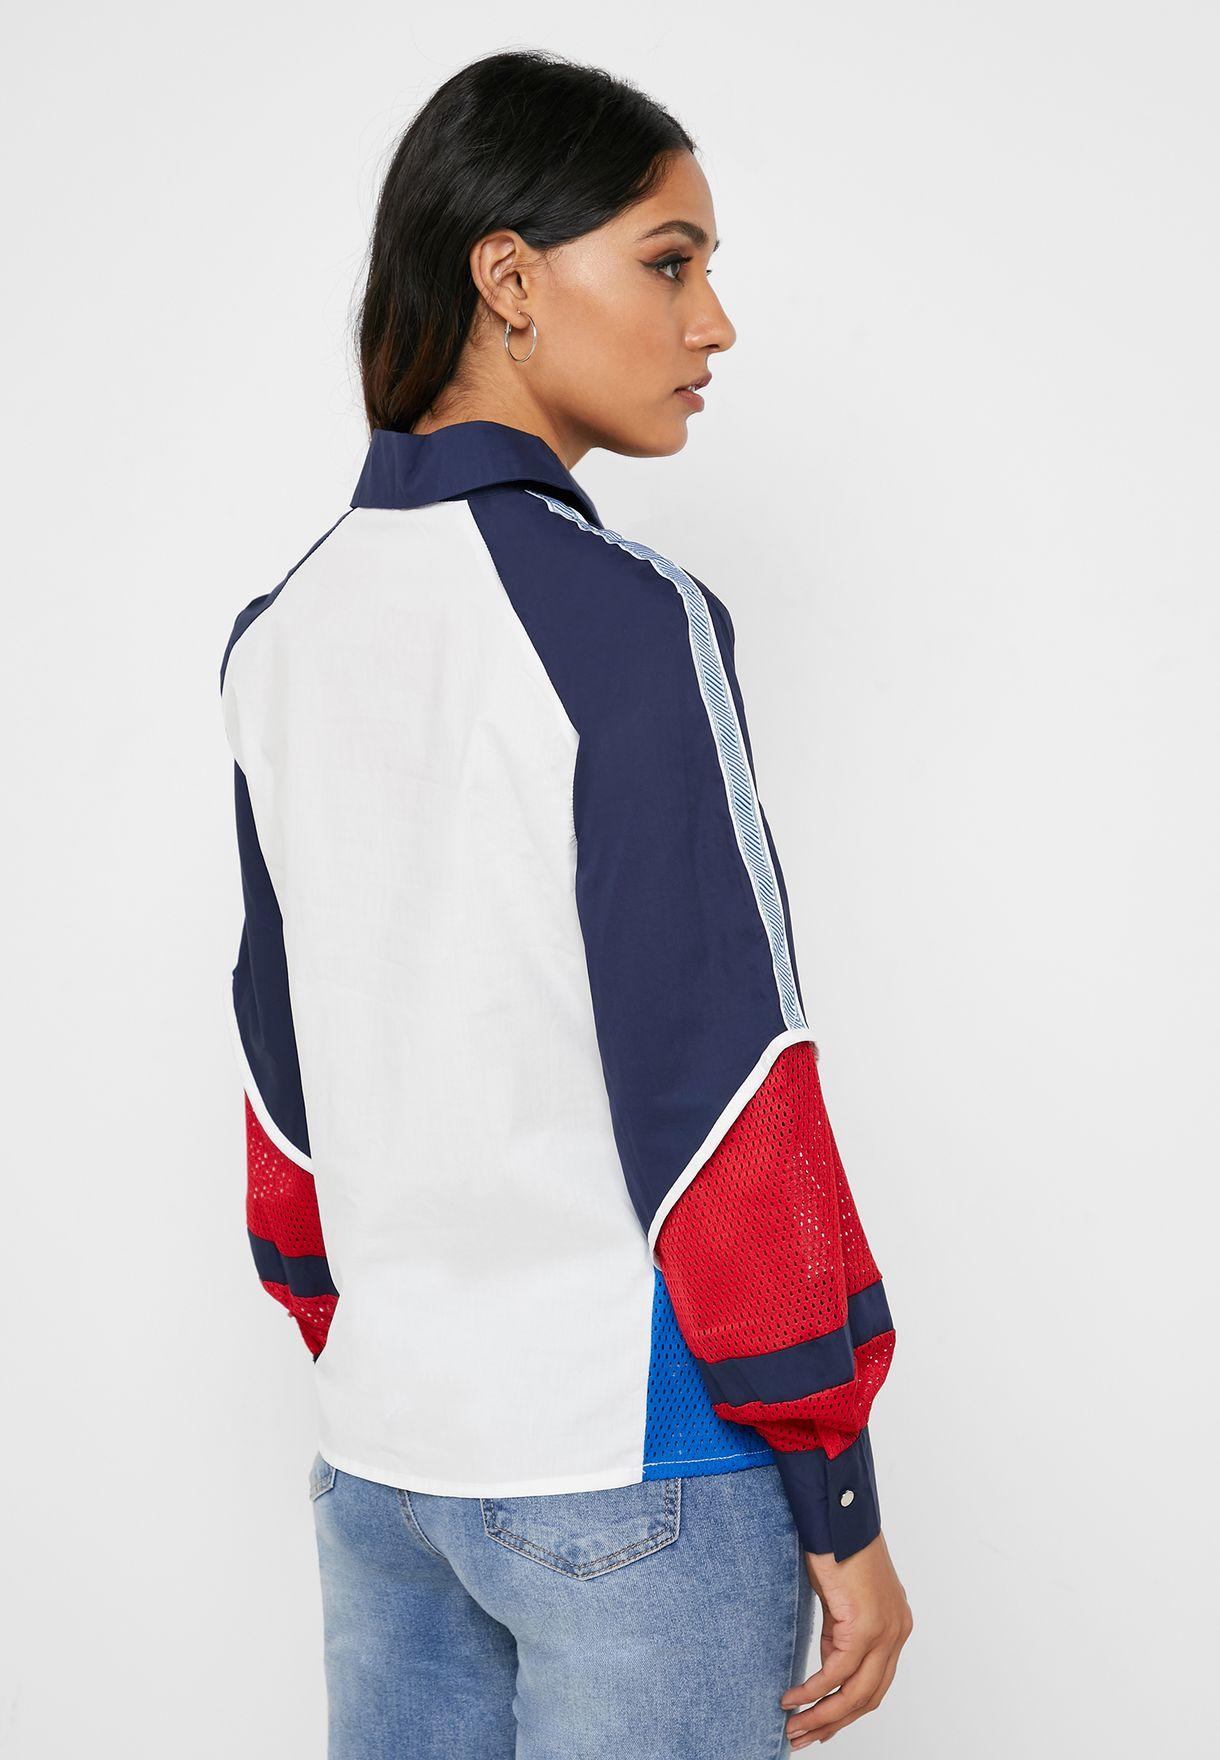 Zip Up Colorblock Sweatshirt